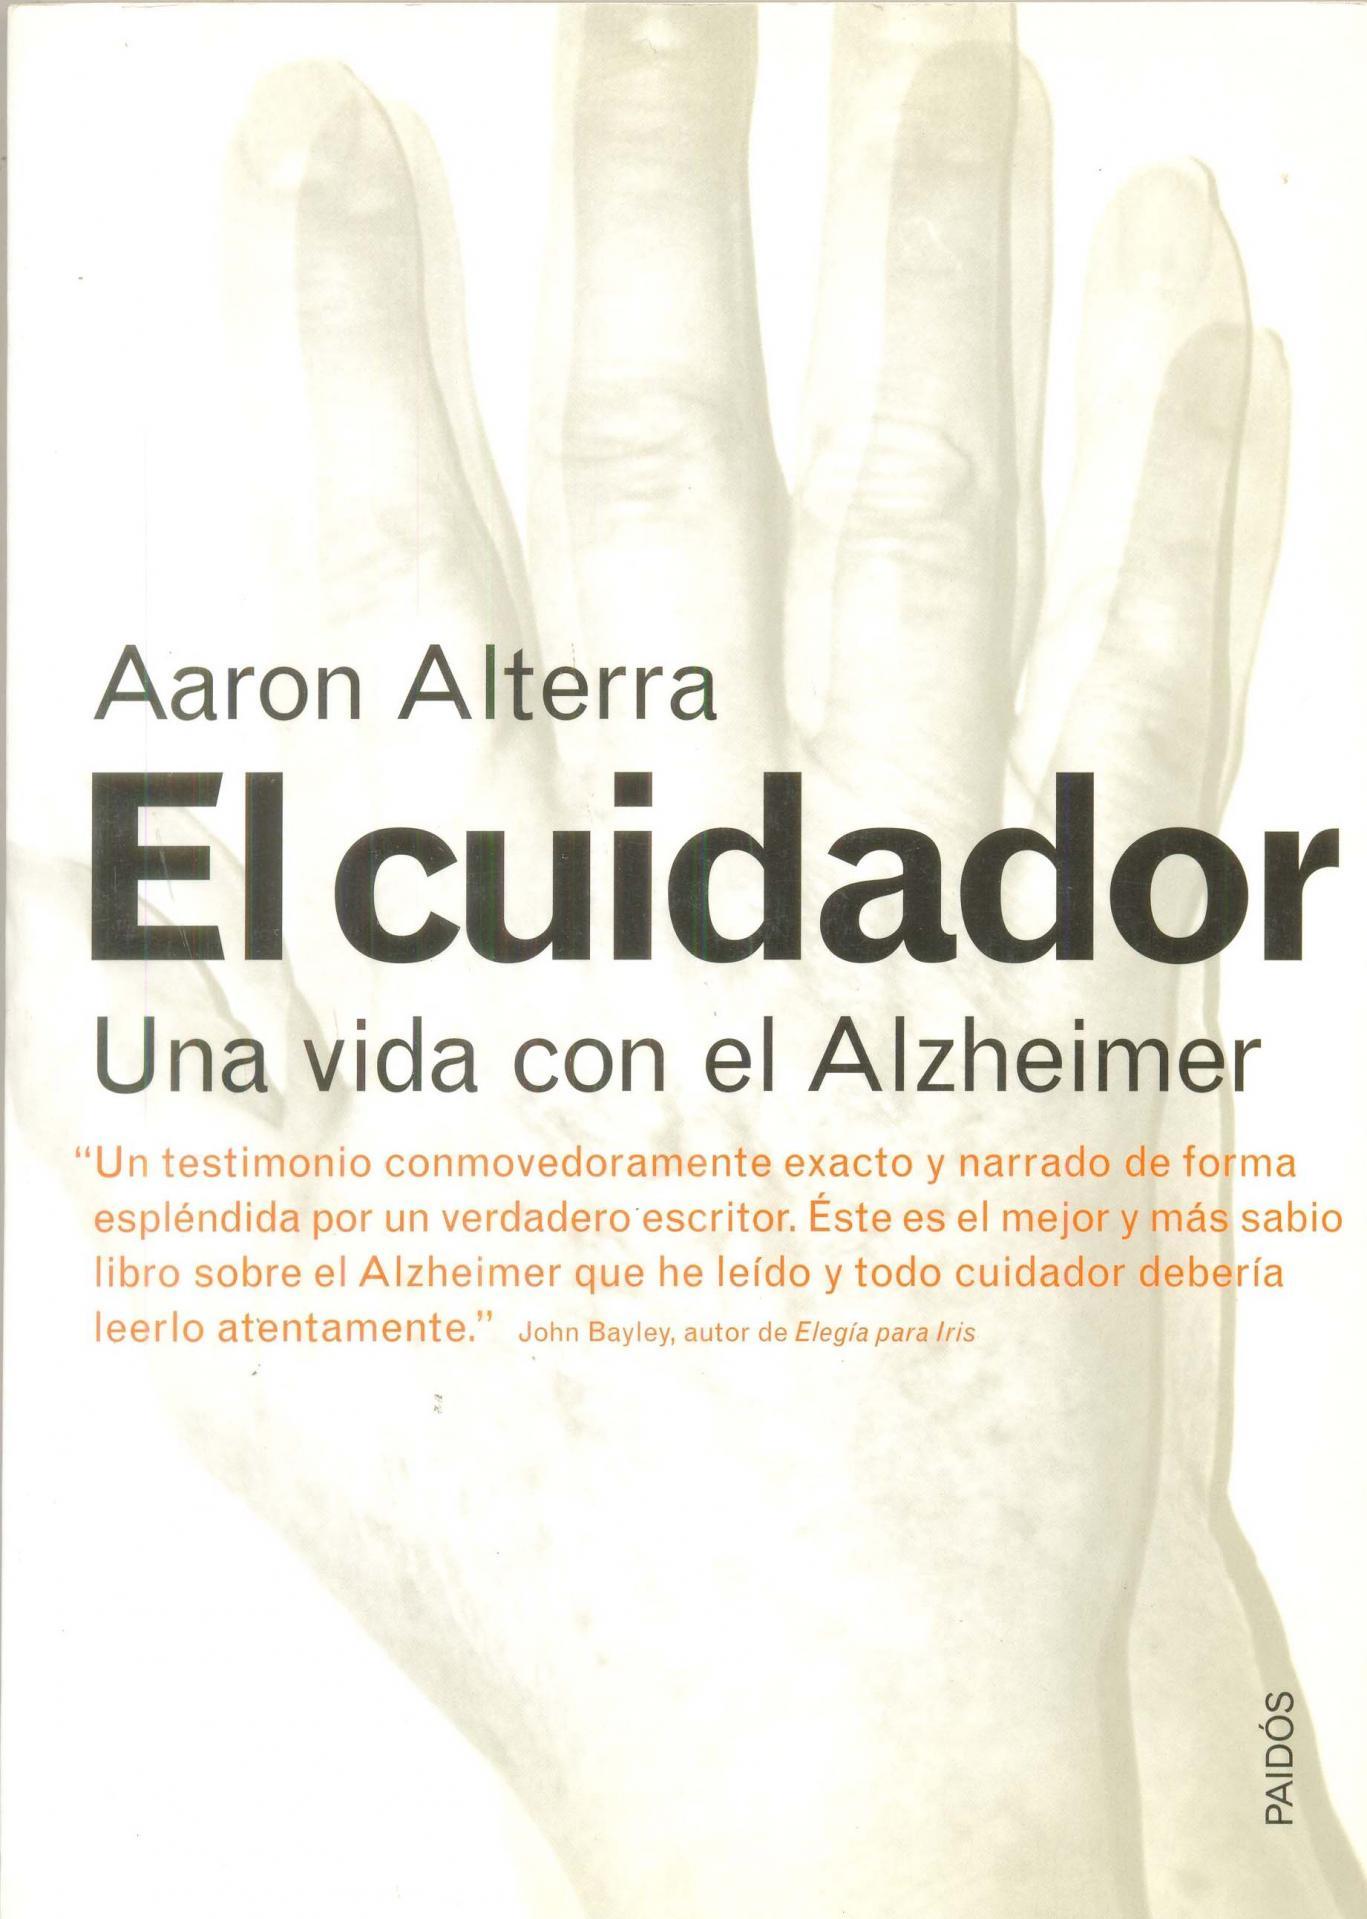 EL CUIDADOR. Una vida con Alzheimer. Alterra, A.